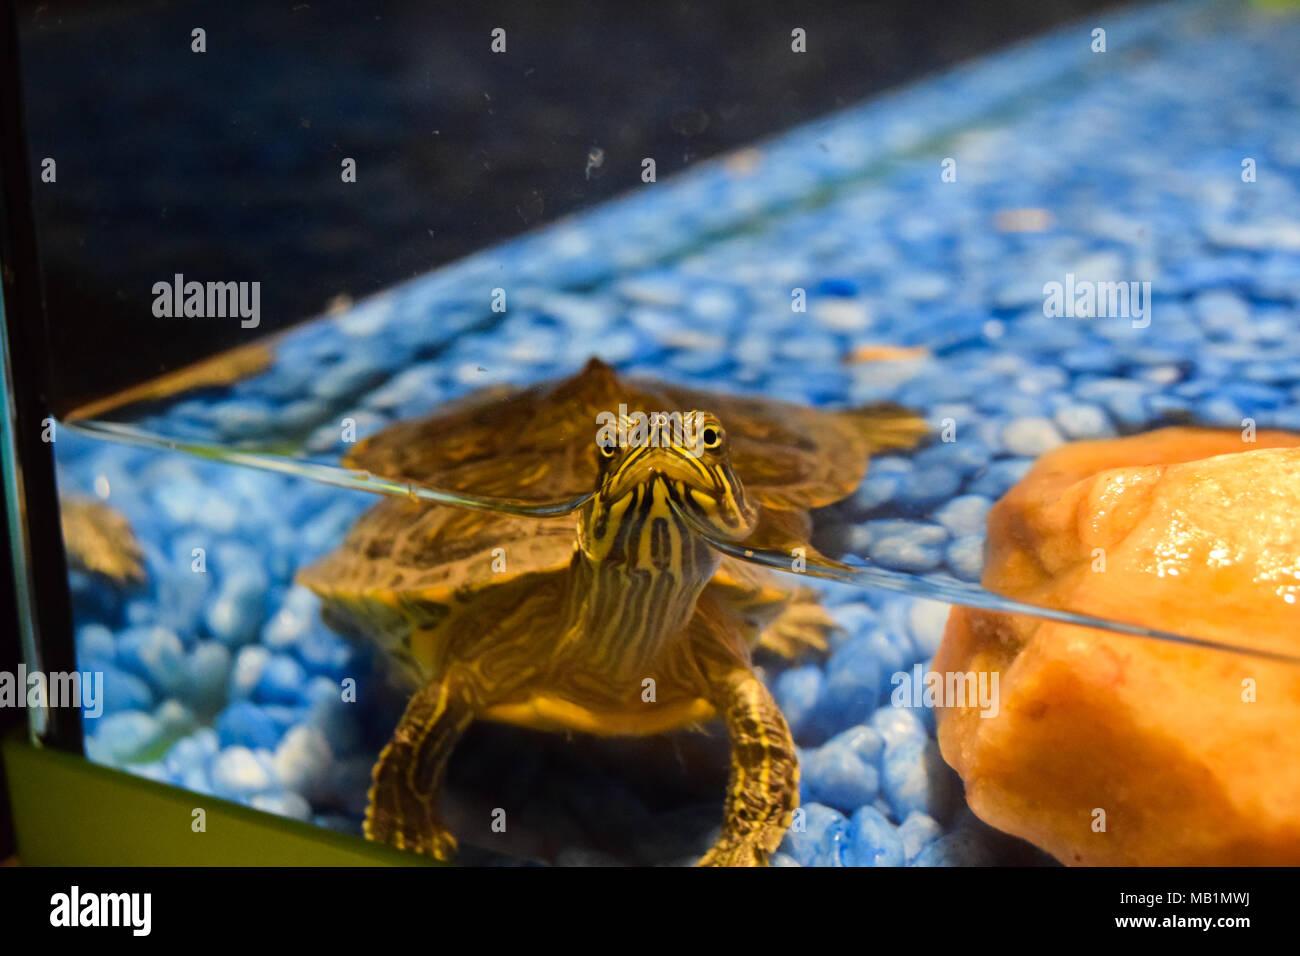 Turtle aquarium - Stock Image